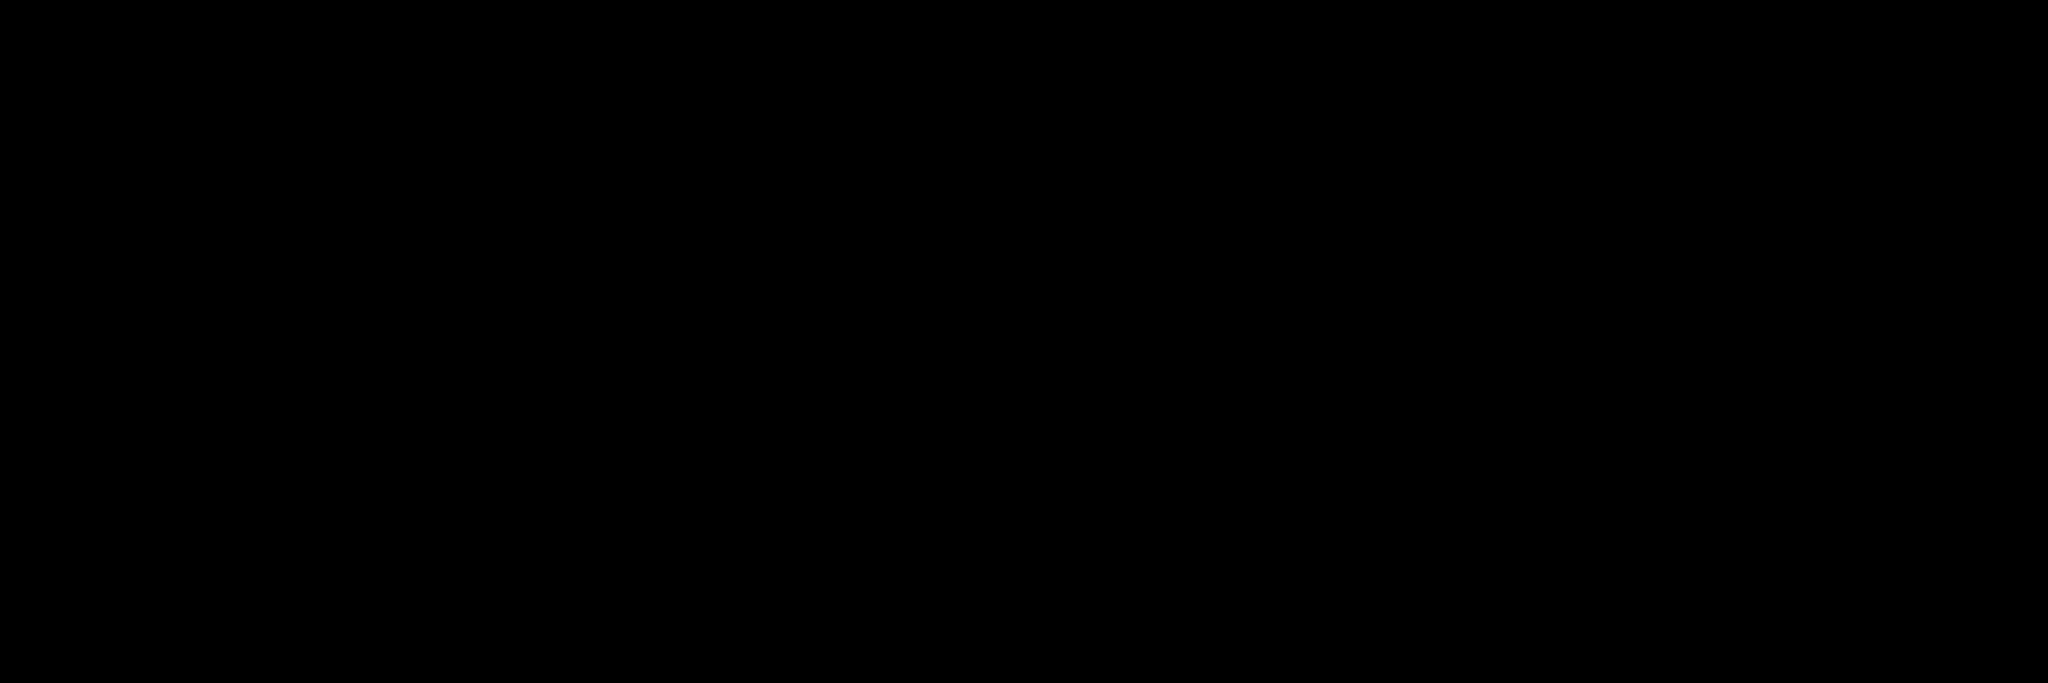 Logo-Reflower-zwart